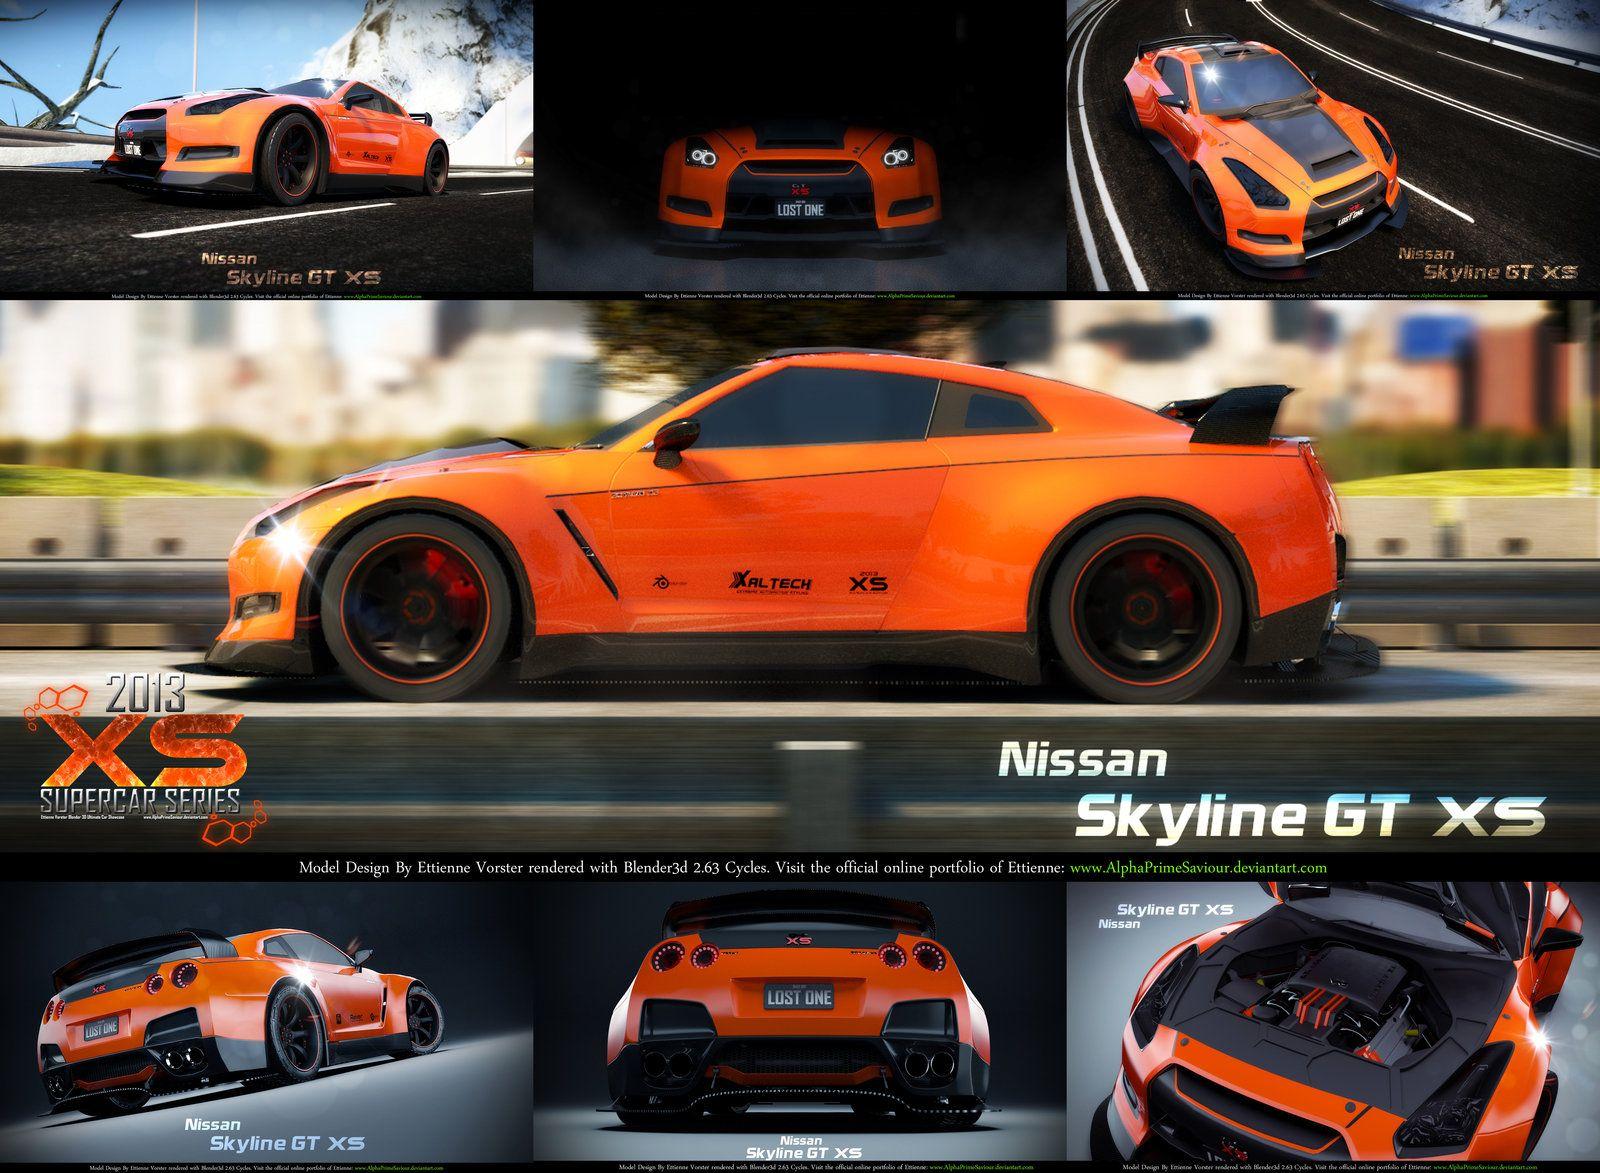 Nissan Skyline GT - XS Poster by AlphaPrimeSaviour.deviantart.com on @DeviantArt